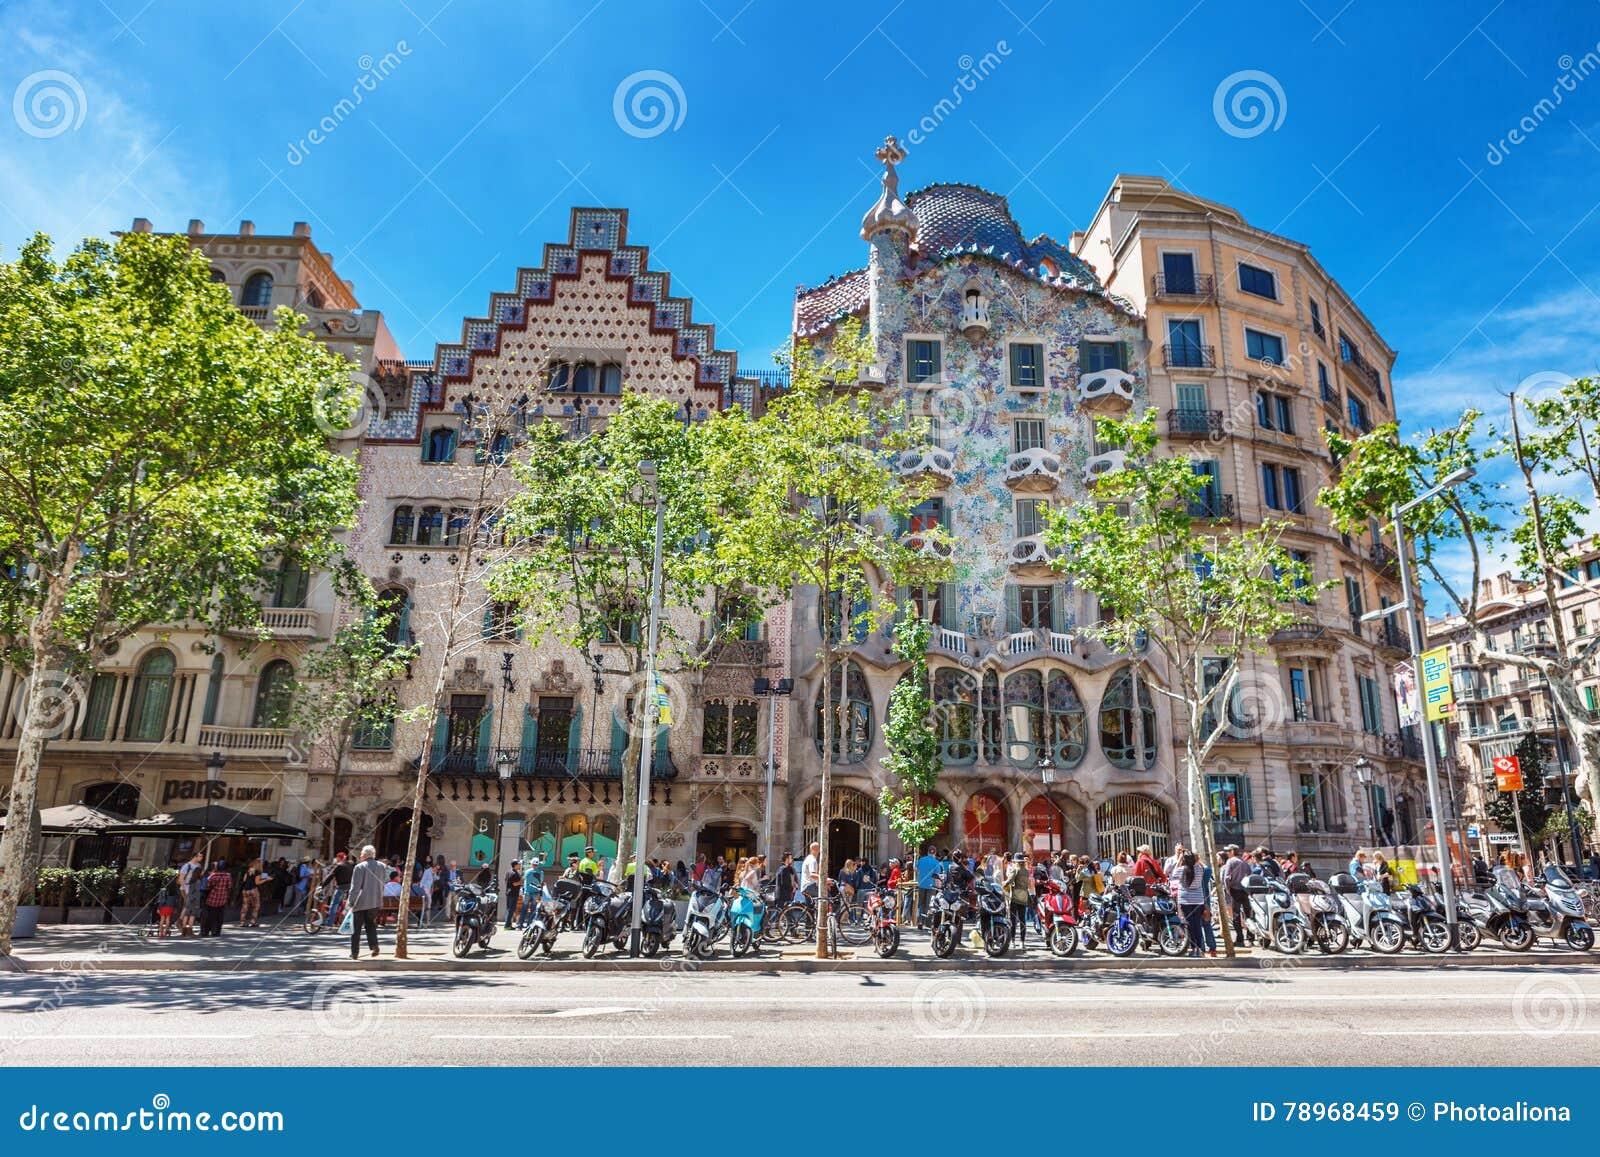 Barcelona, Spain - APRIL 18, 2016: Illa de la Discordia. Facade Casa Batllo, Lleo Morera, Rocamora, Amatller in district of